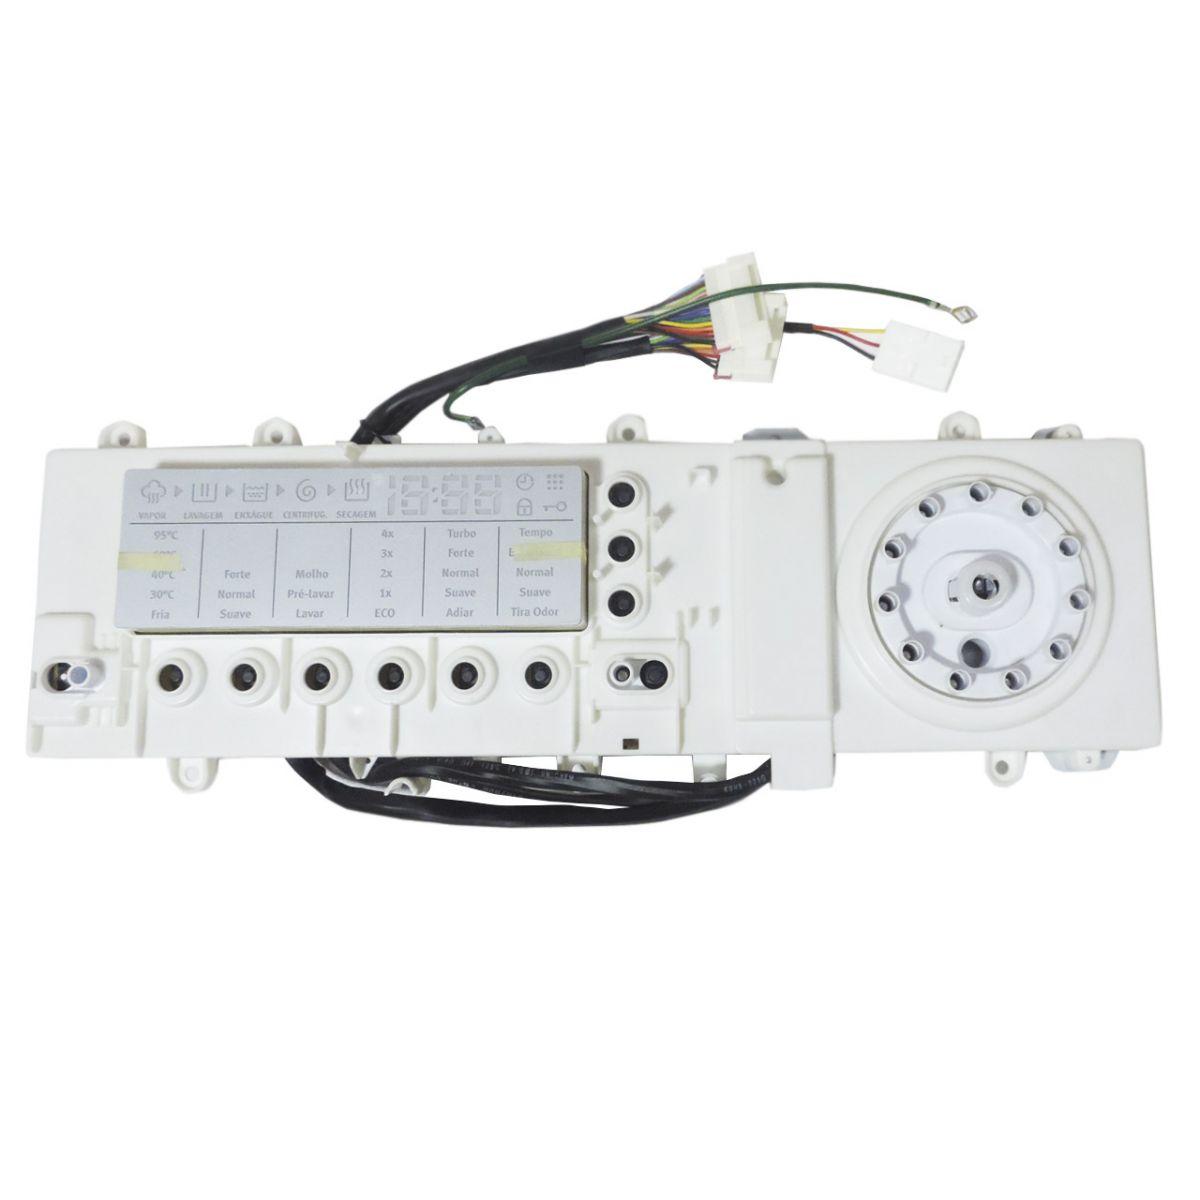 Placa De Controle Lava E Seca Electrolux Lse12 Prpssw2D3G